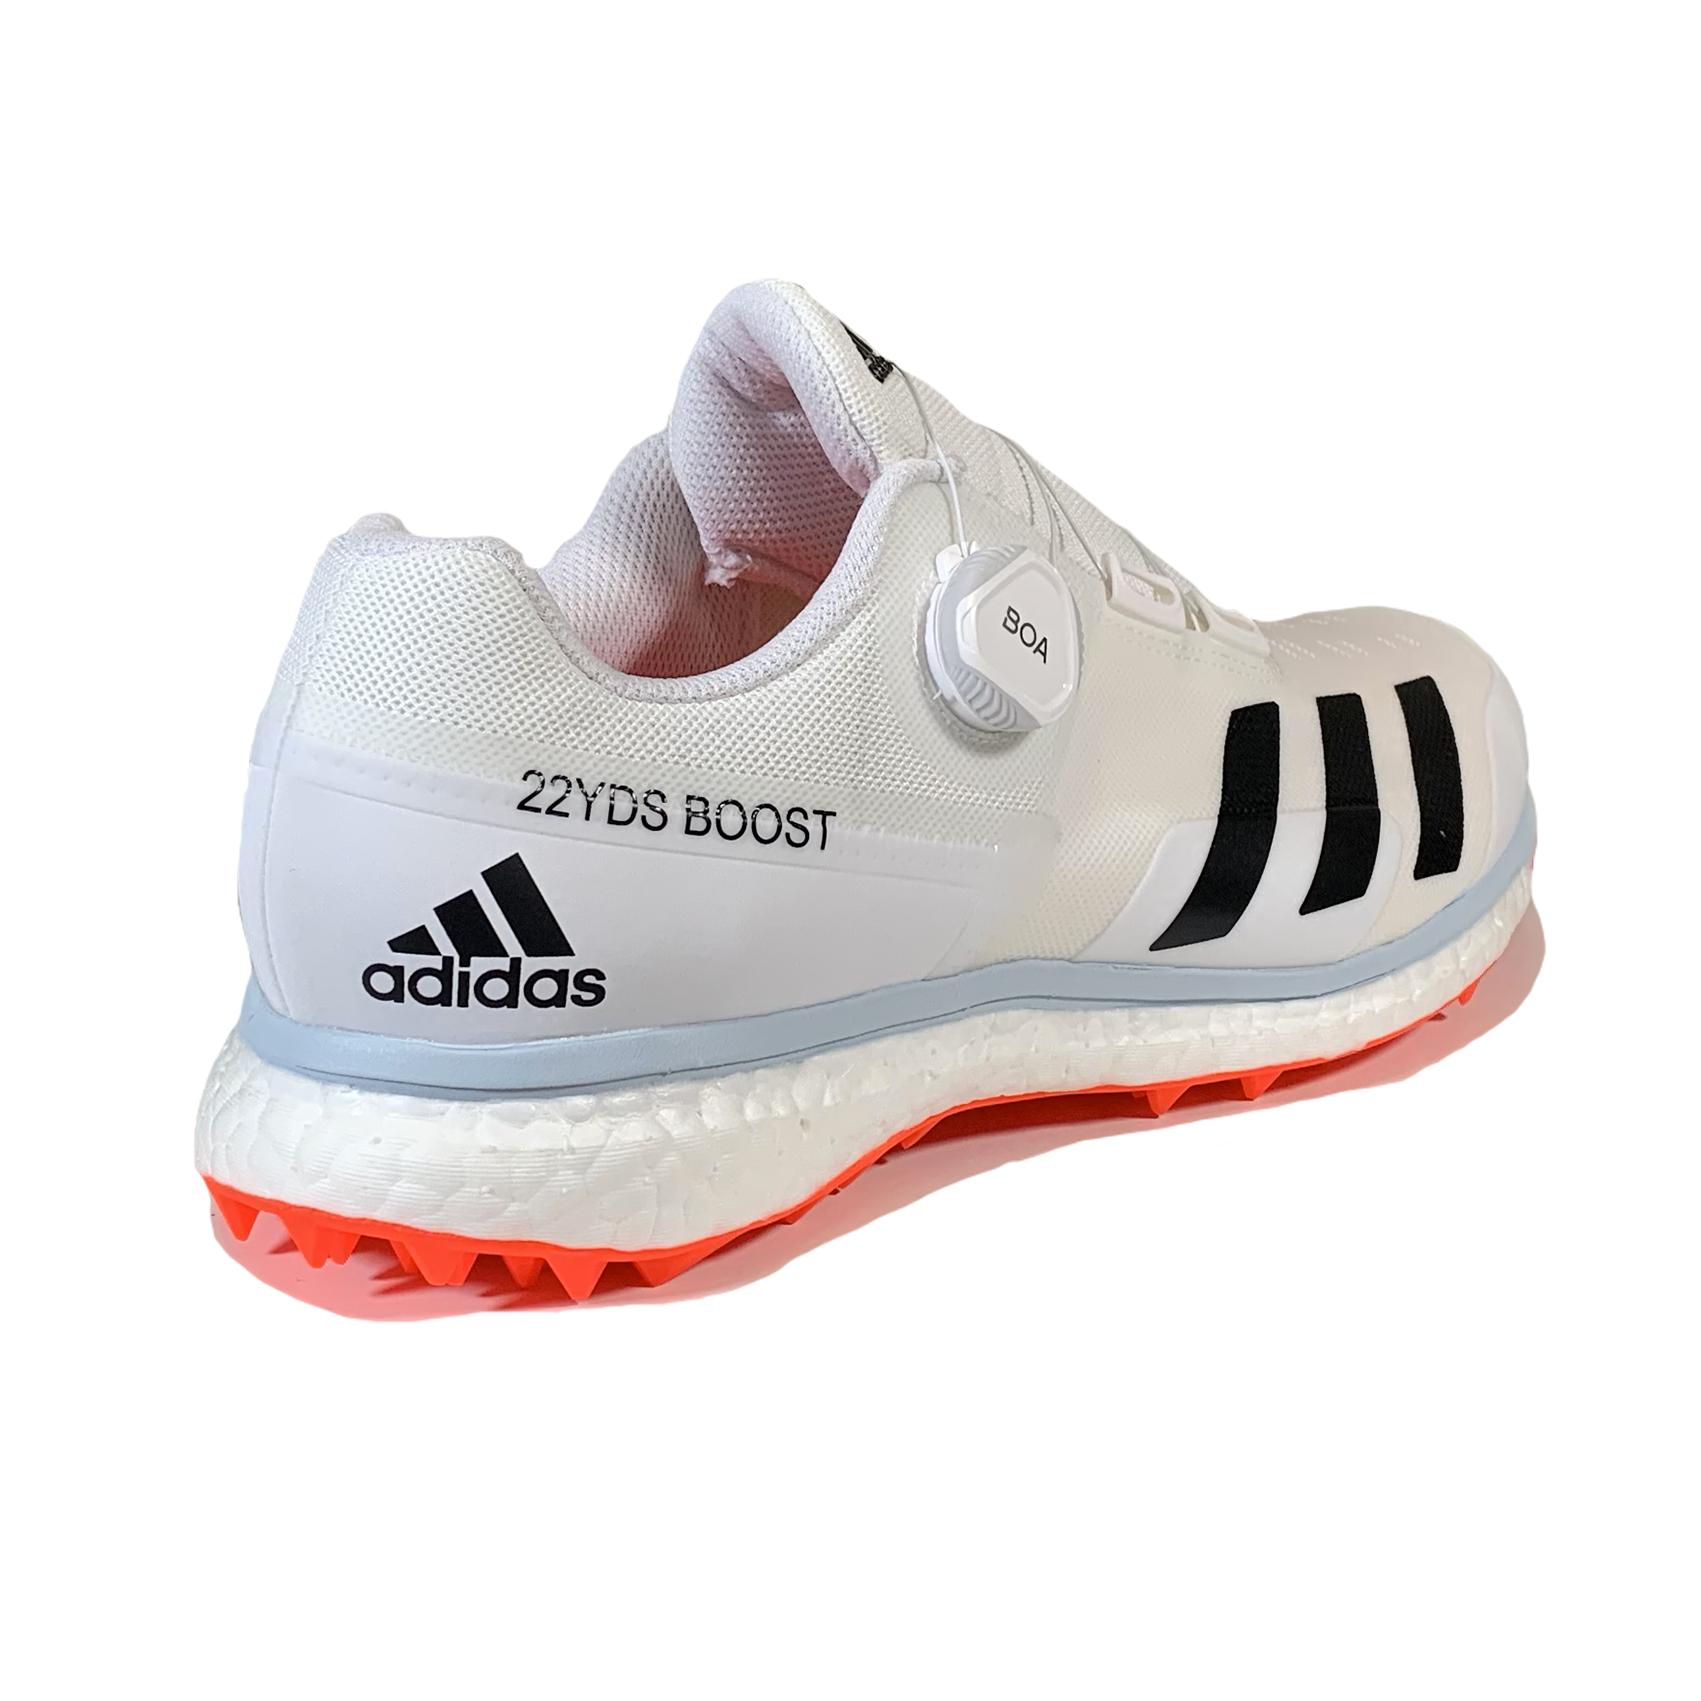 2019 adidas adizero sl22 boost cricket shoes off 61% - www ...